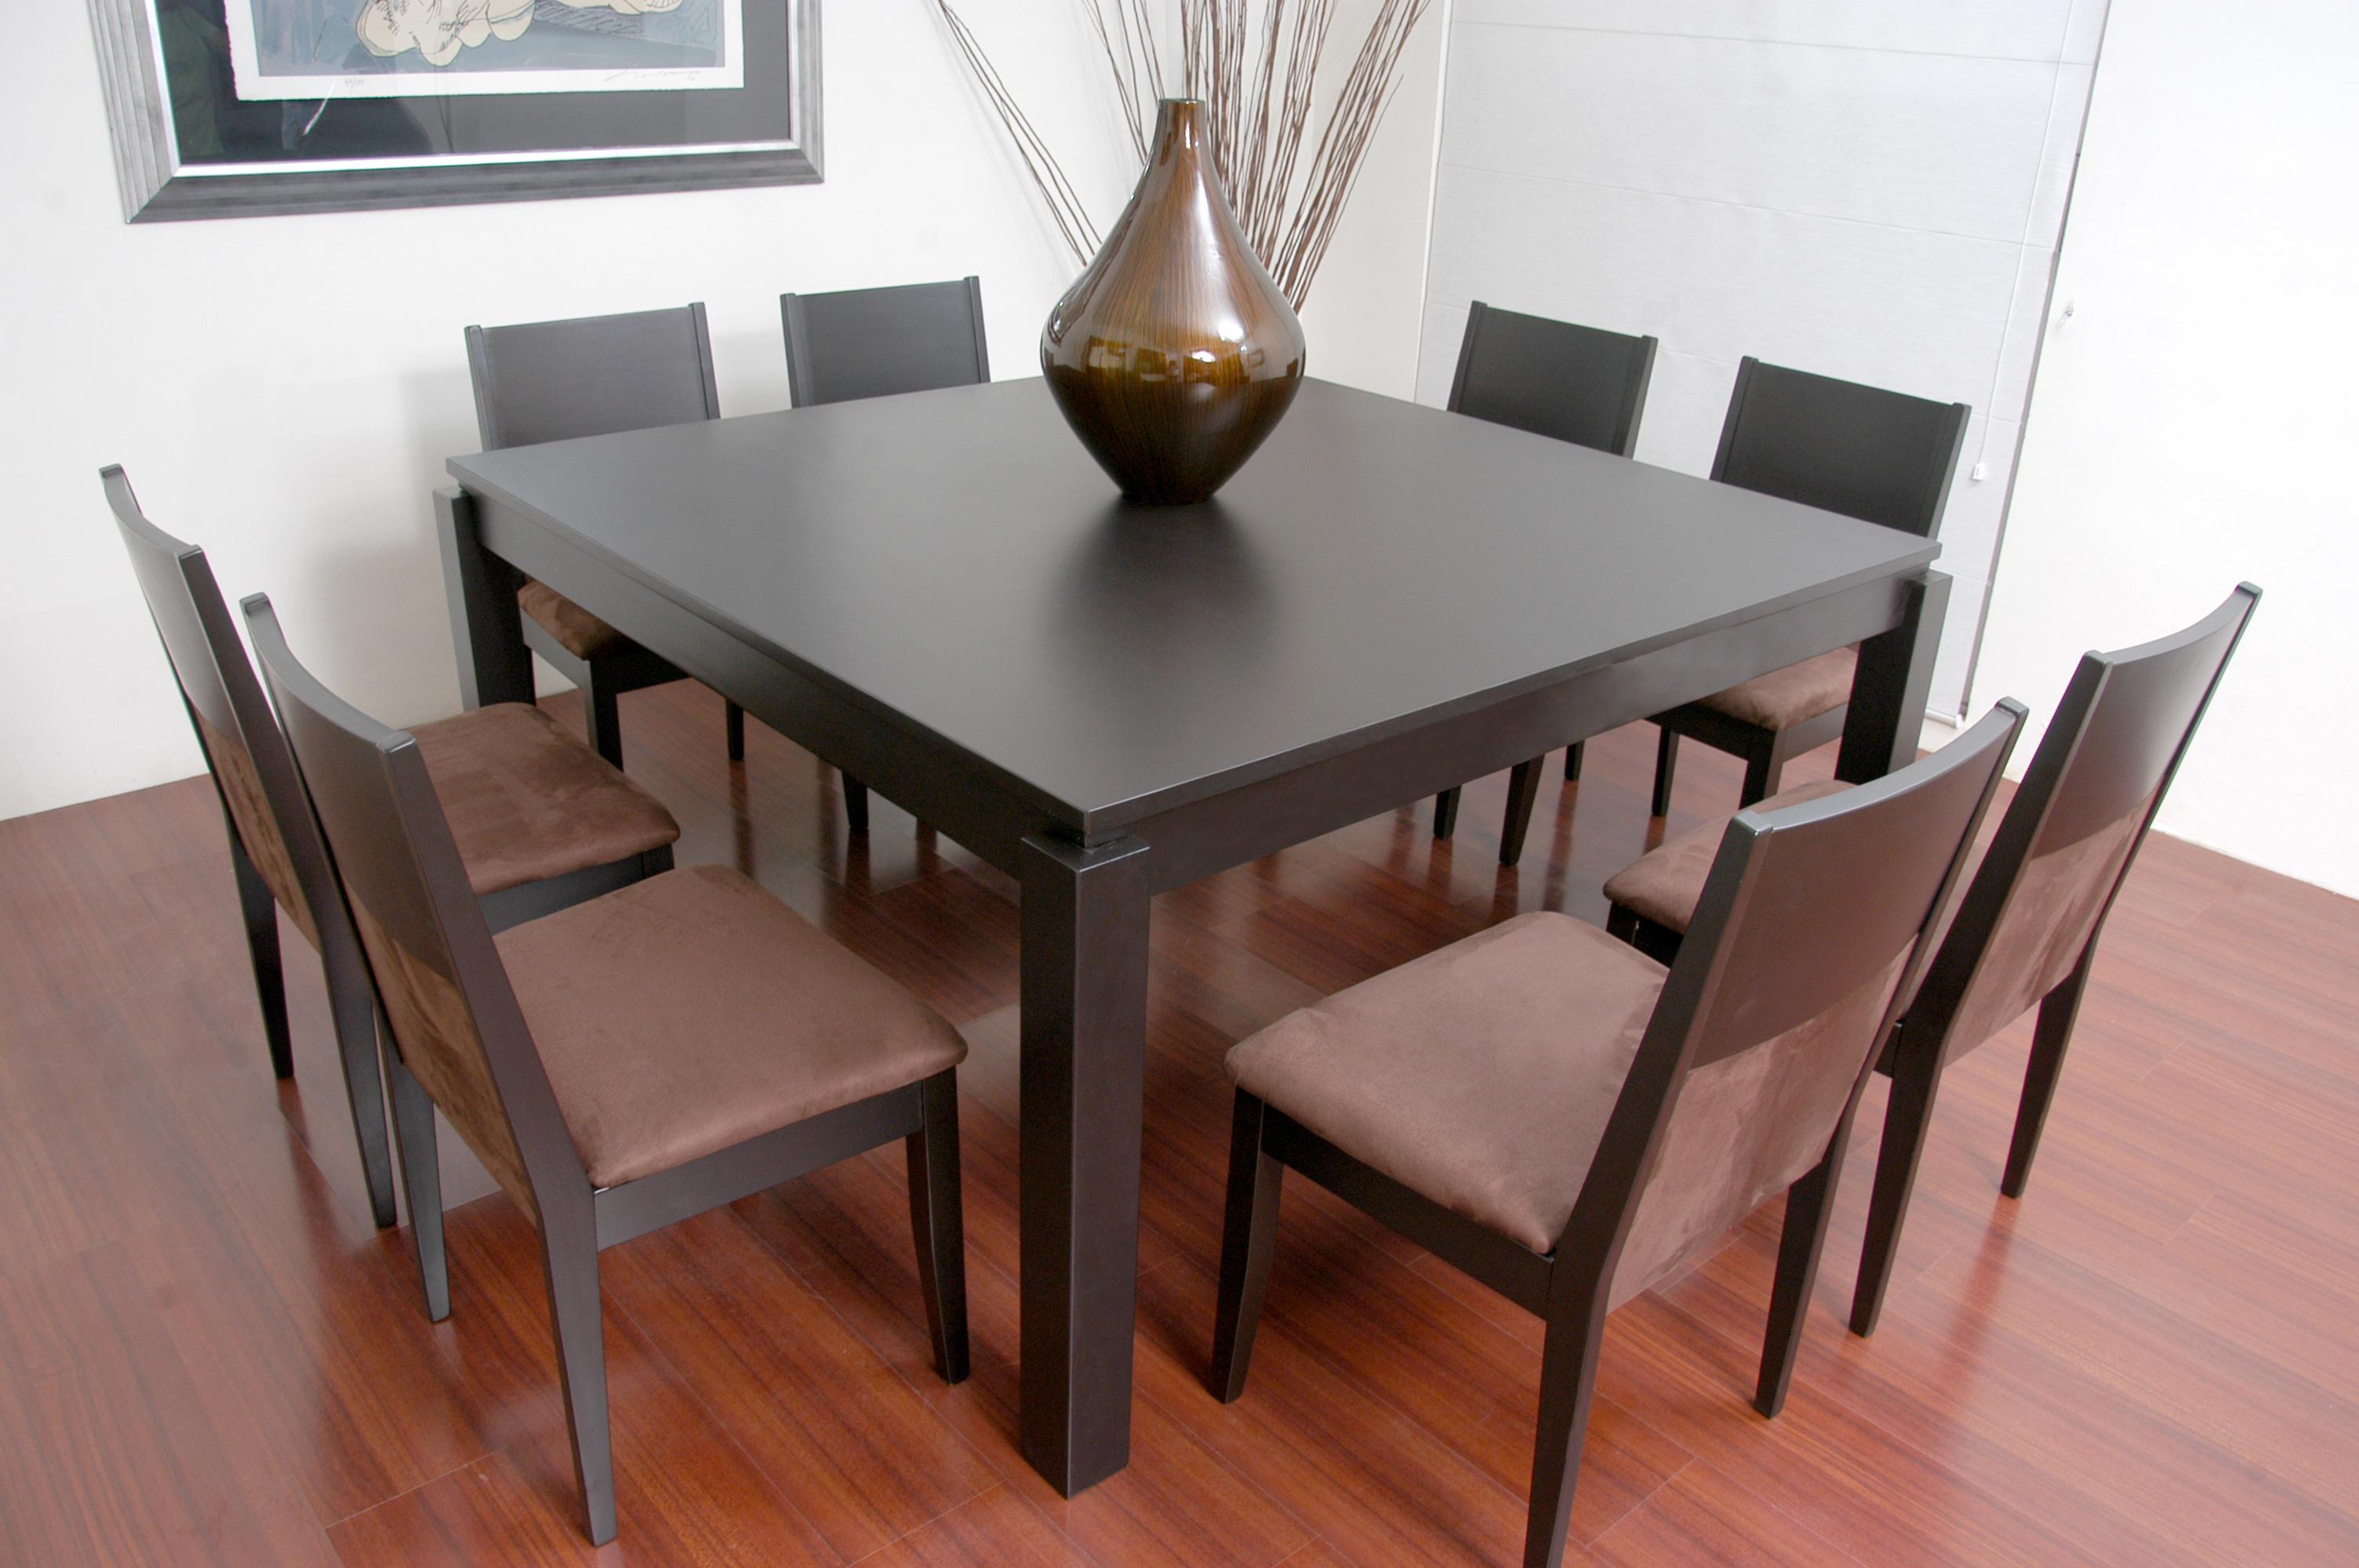 Comedor comedores 8 sillas modernos decoraci n de for Ripley comedores 8 sillas